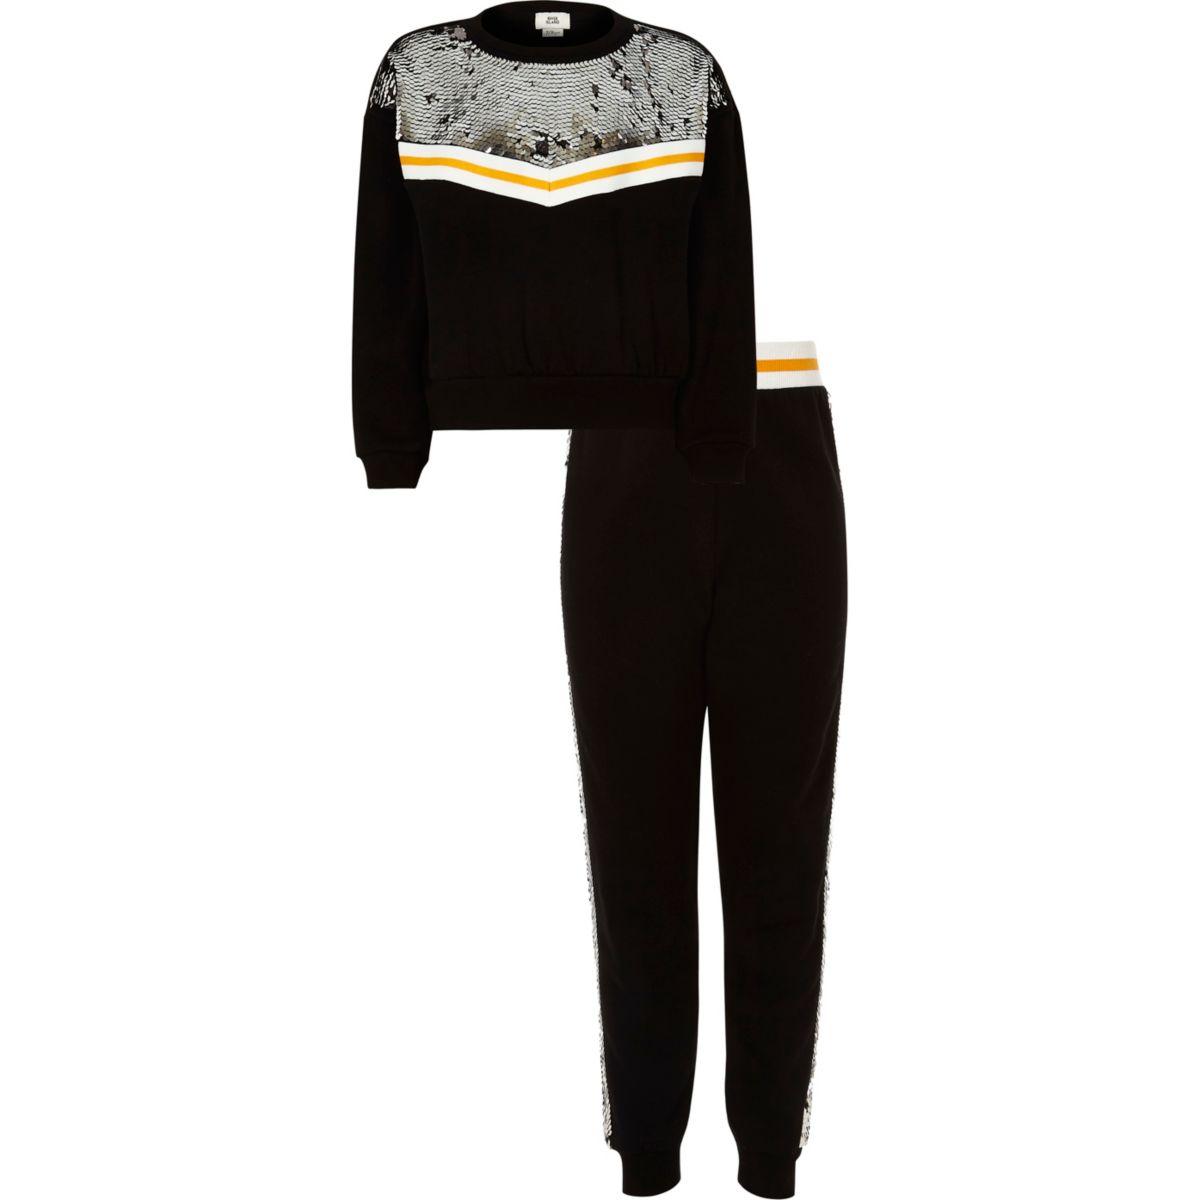 Girls black sequin embellished jogger outfit